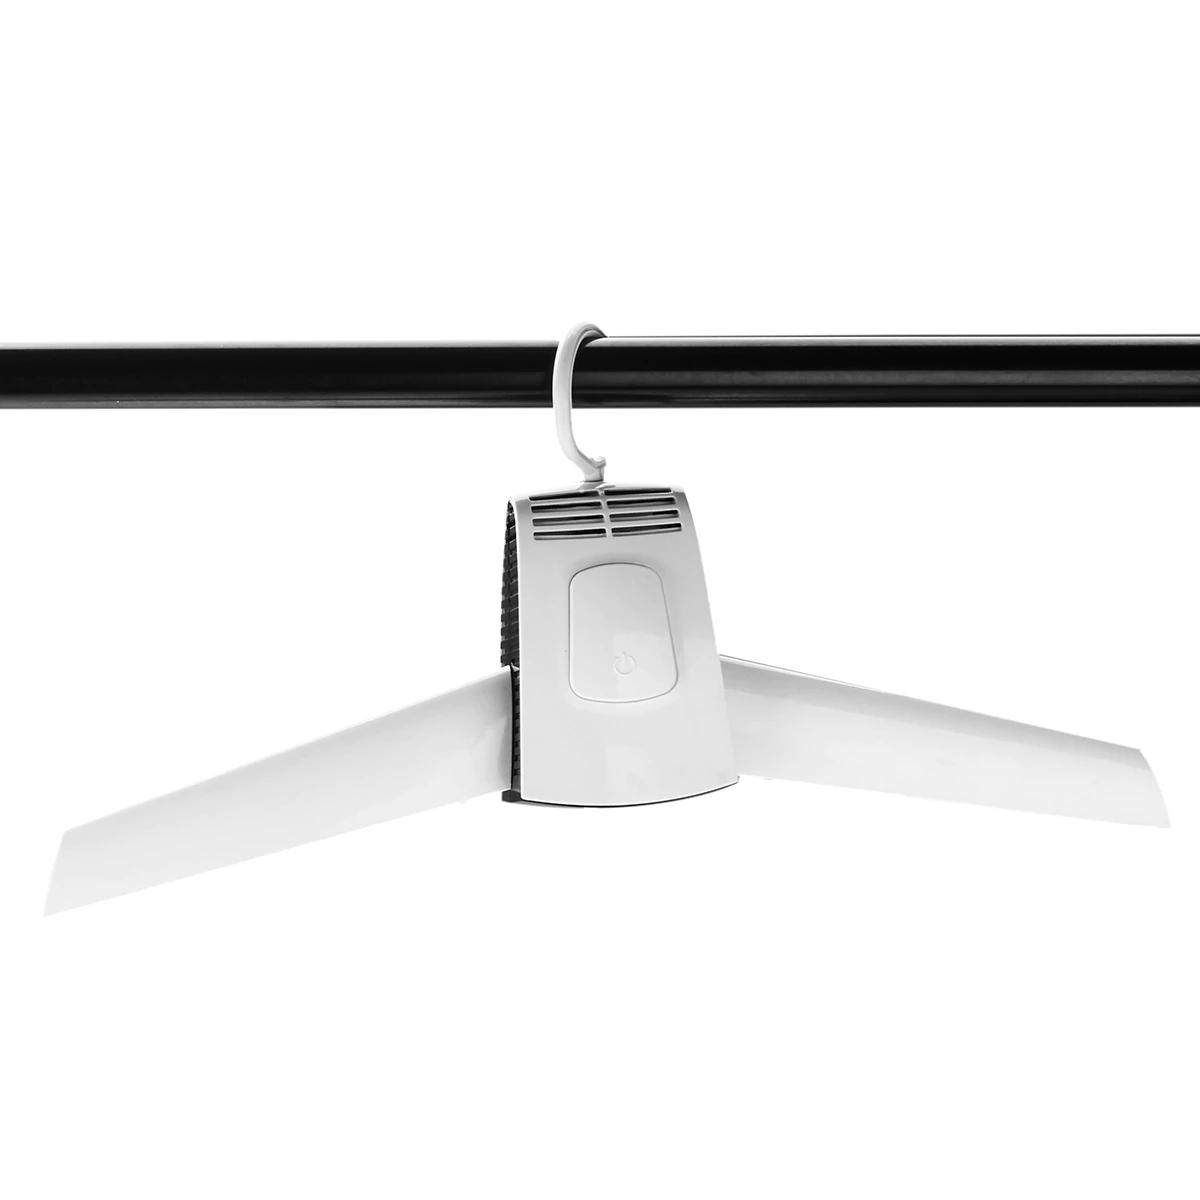 Портативная вешалка-сушилка для одежды SMART FROG clothes portable dryer